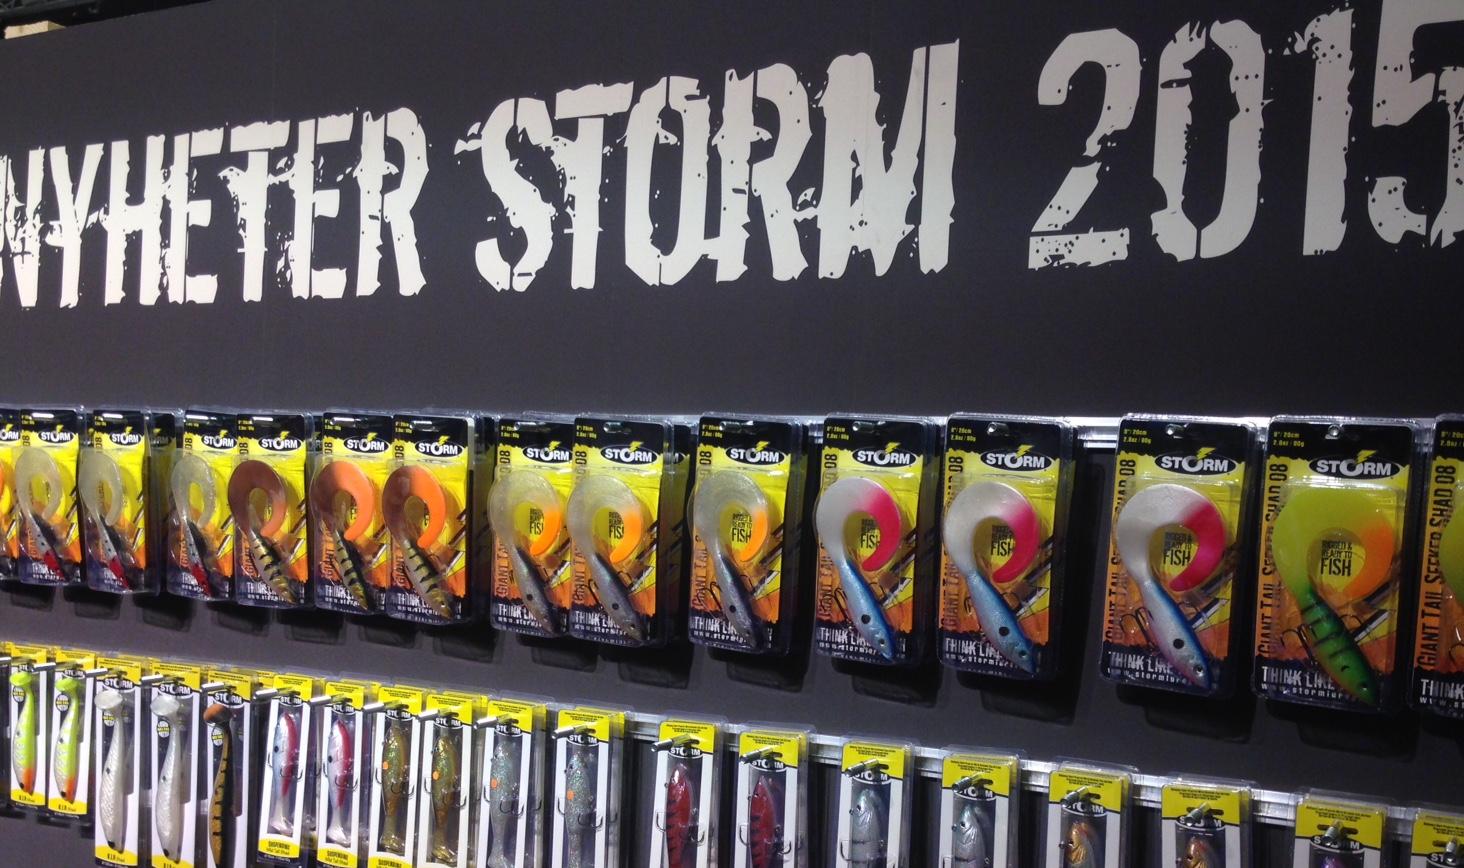 Rappalas monter presenterar lite fina nyheter från Storm - de här är finfina grejjer.